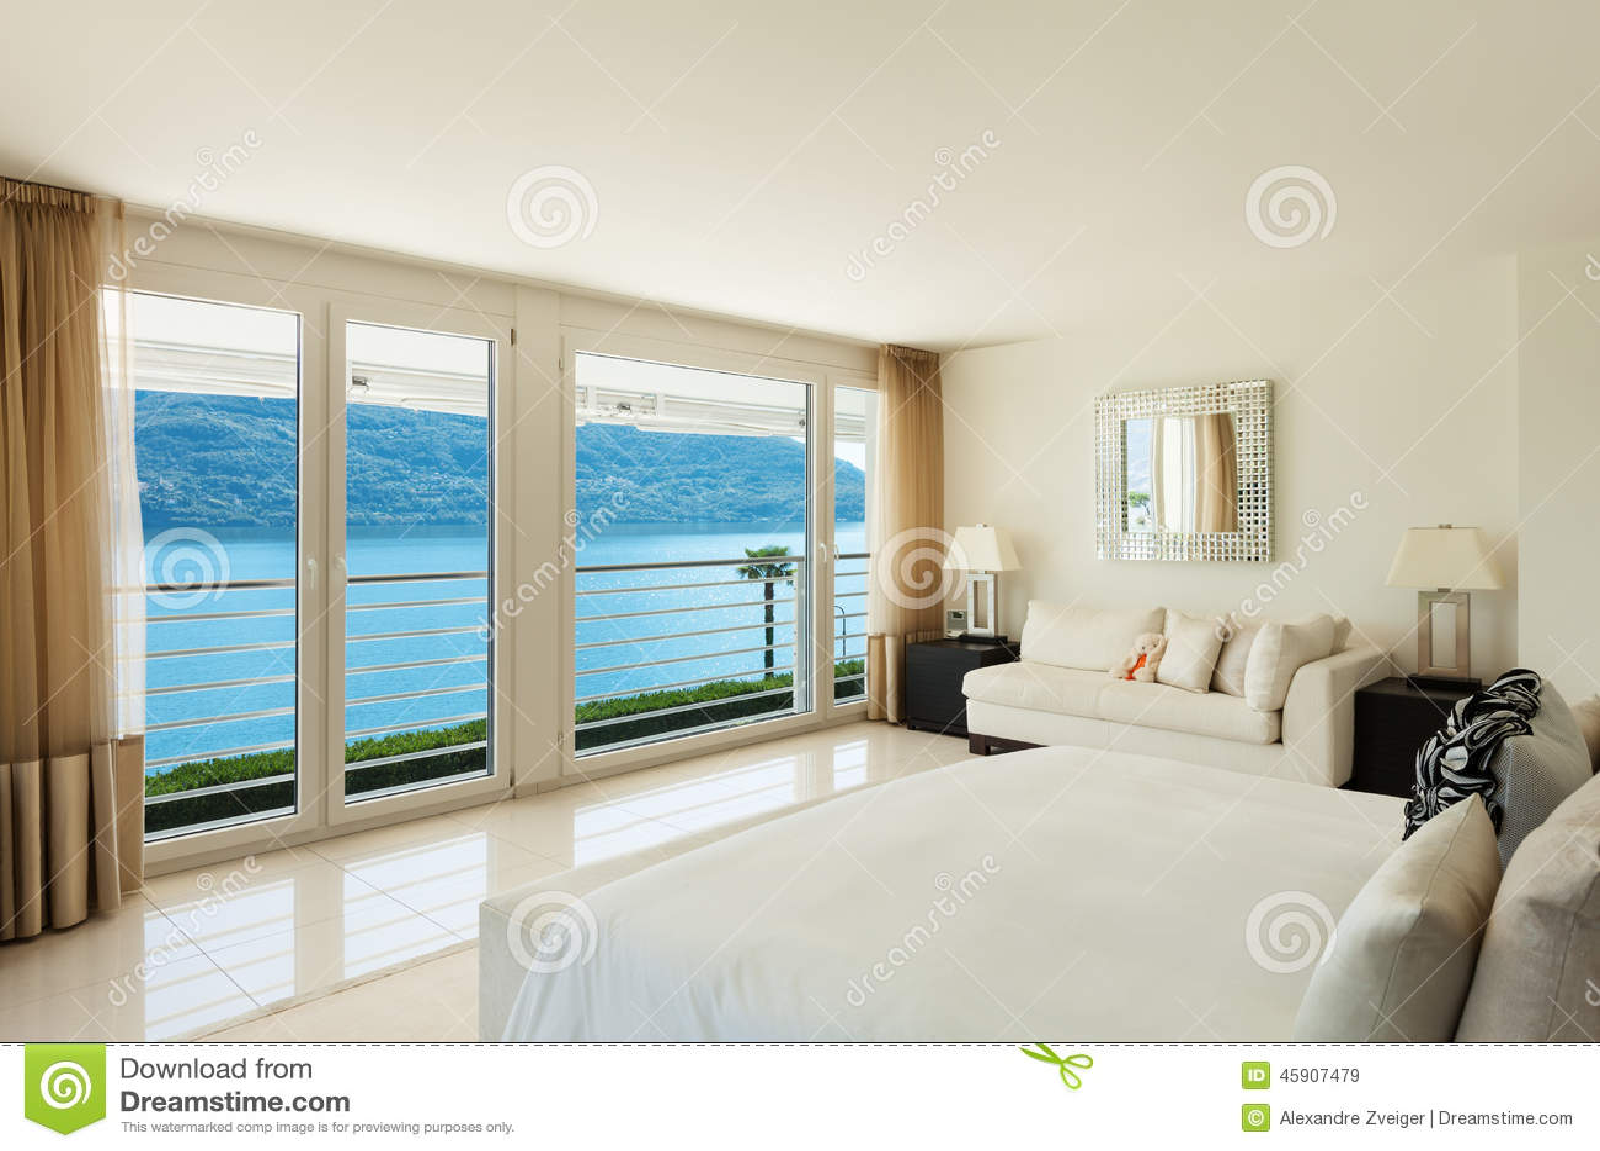 Moderne innenarchitektur schlafzimmer  Moderne Innenarchitektur, Schlafzimmer Stockfoto - Bild: 45907479